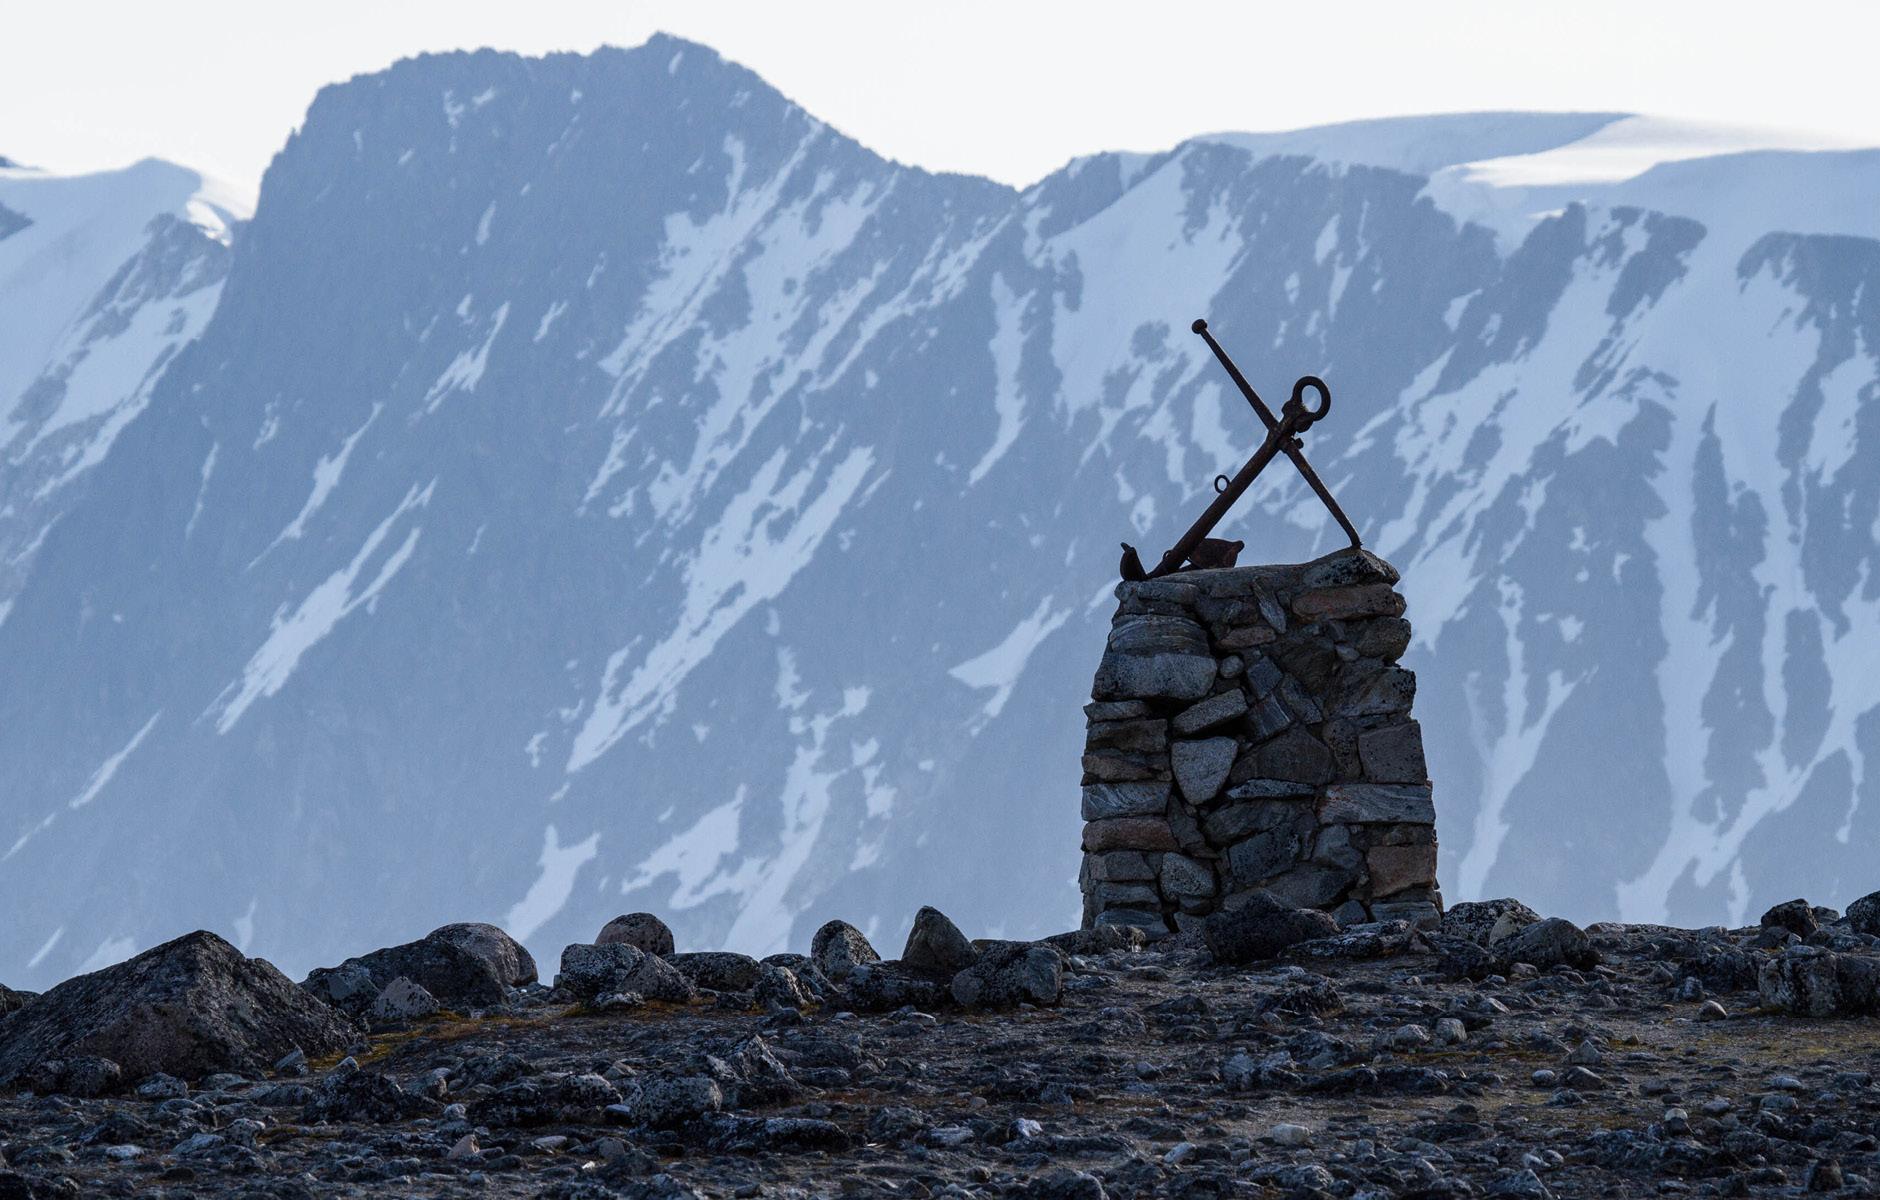 Fotoexpedition rund um die Inselgruppe von Spitzbergen